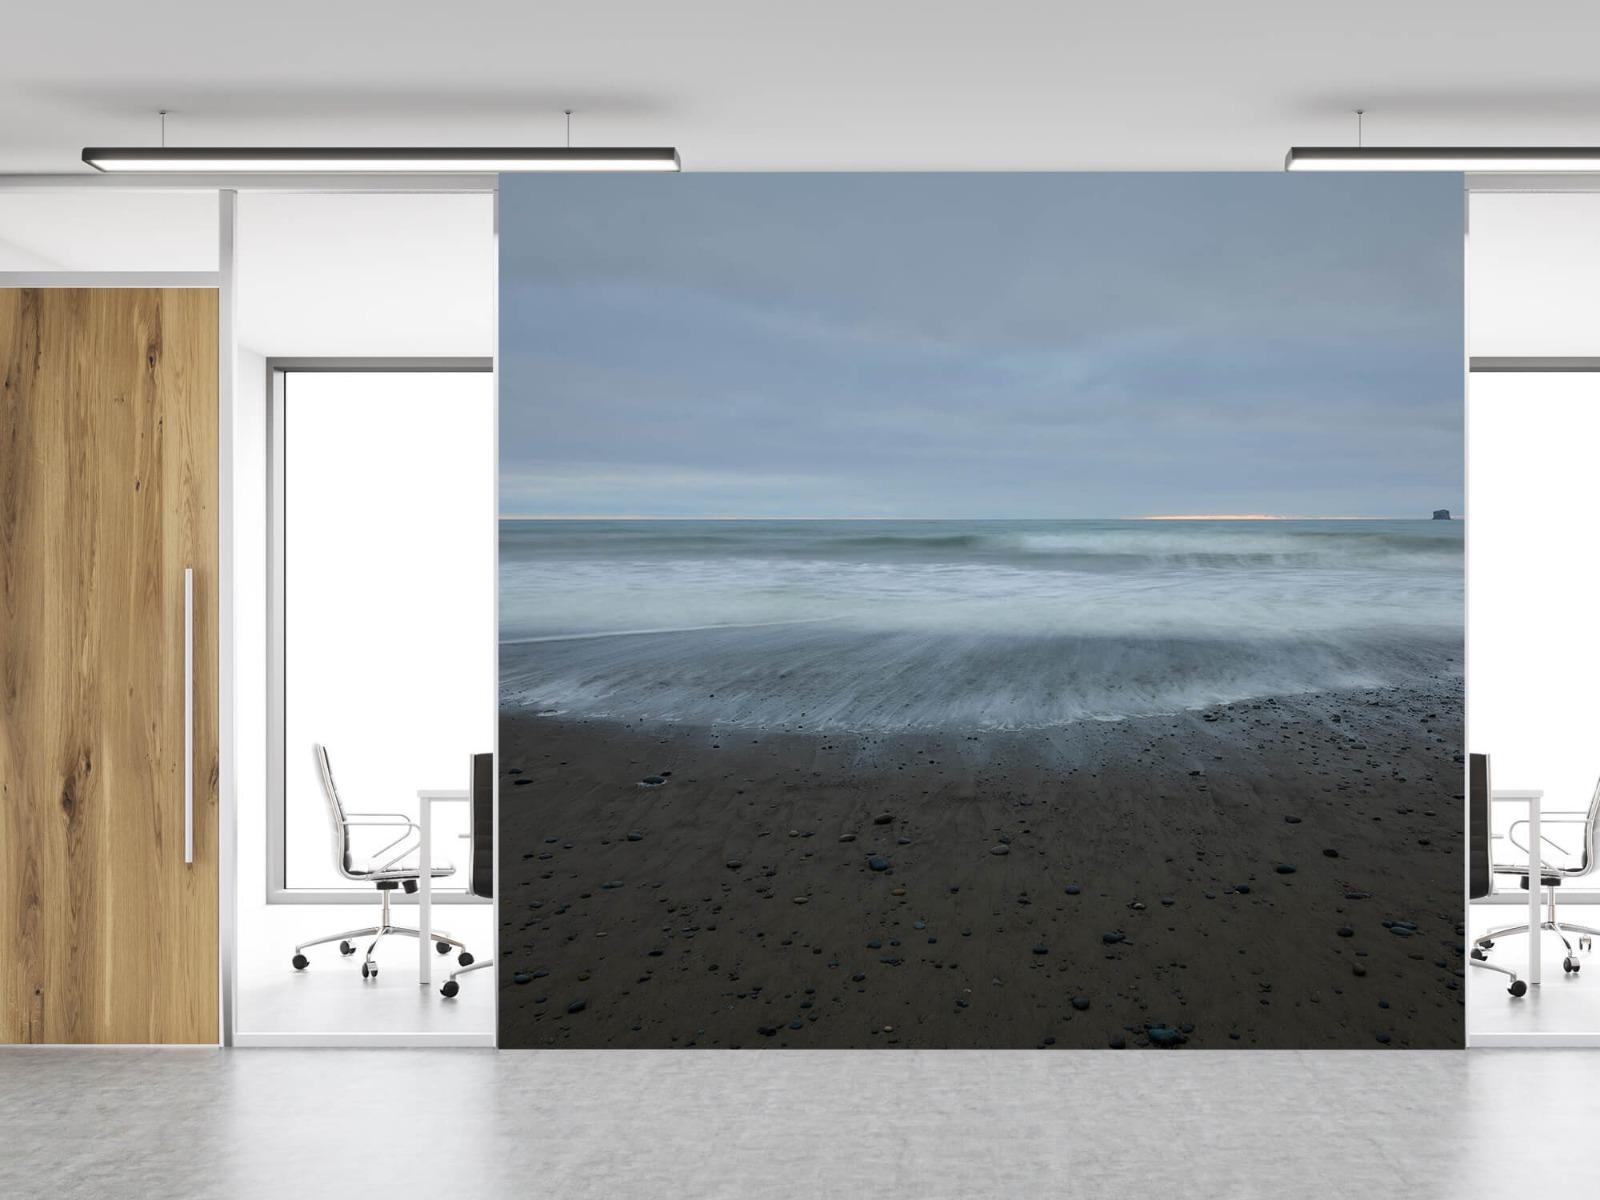 Zeeën en Oceanen - Golven aan het strand - Slaapkamer 13